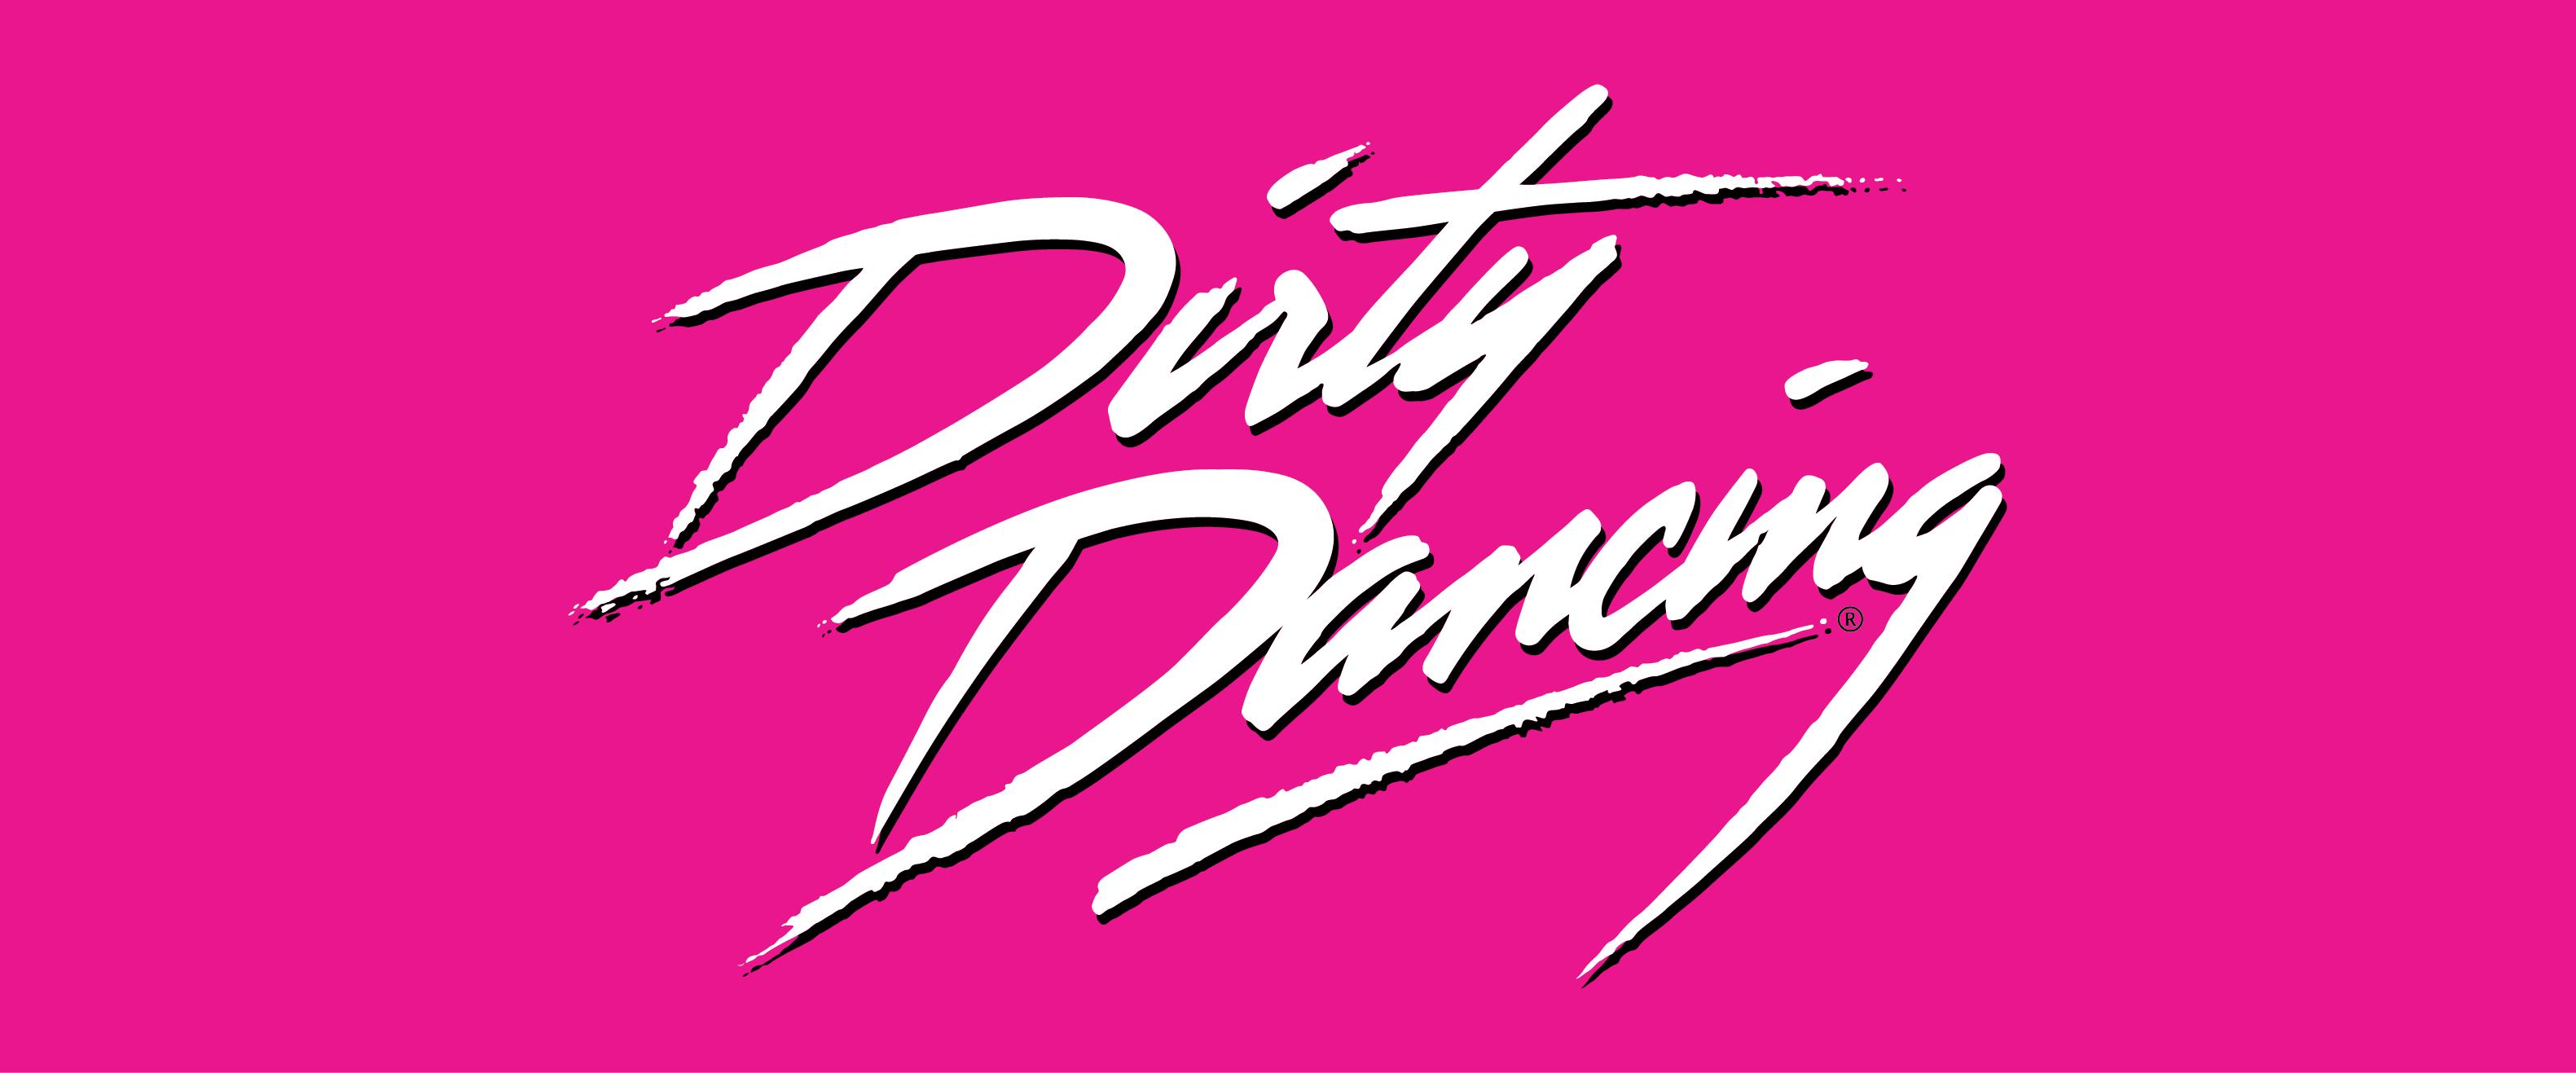 Les Bons plans à Bordeaux vous font gagner vos places pour « Dirty Dancing, L'Histoire Originale sur Scène » à la Bordeaux Métropole Arena